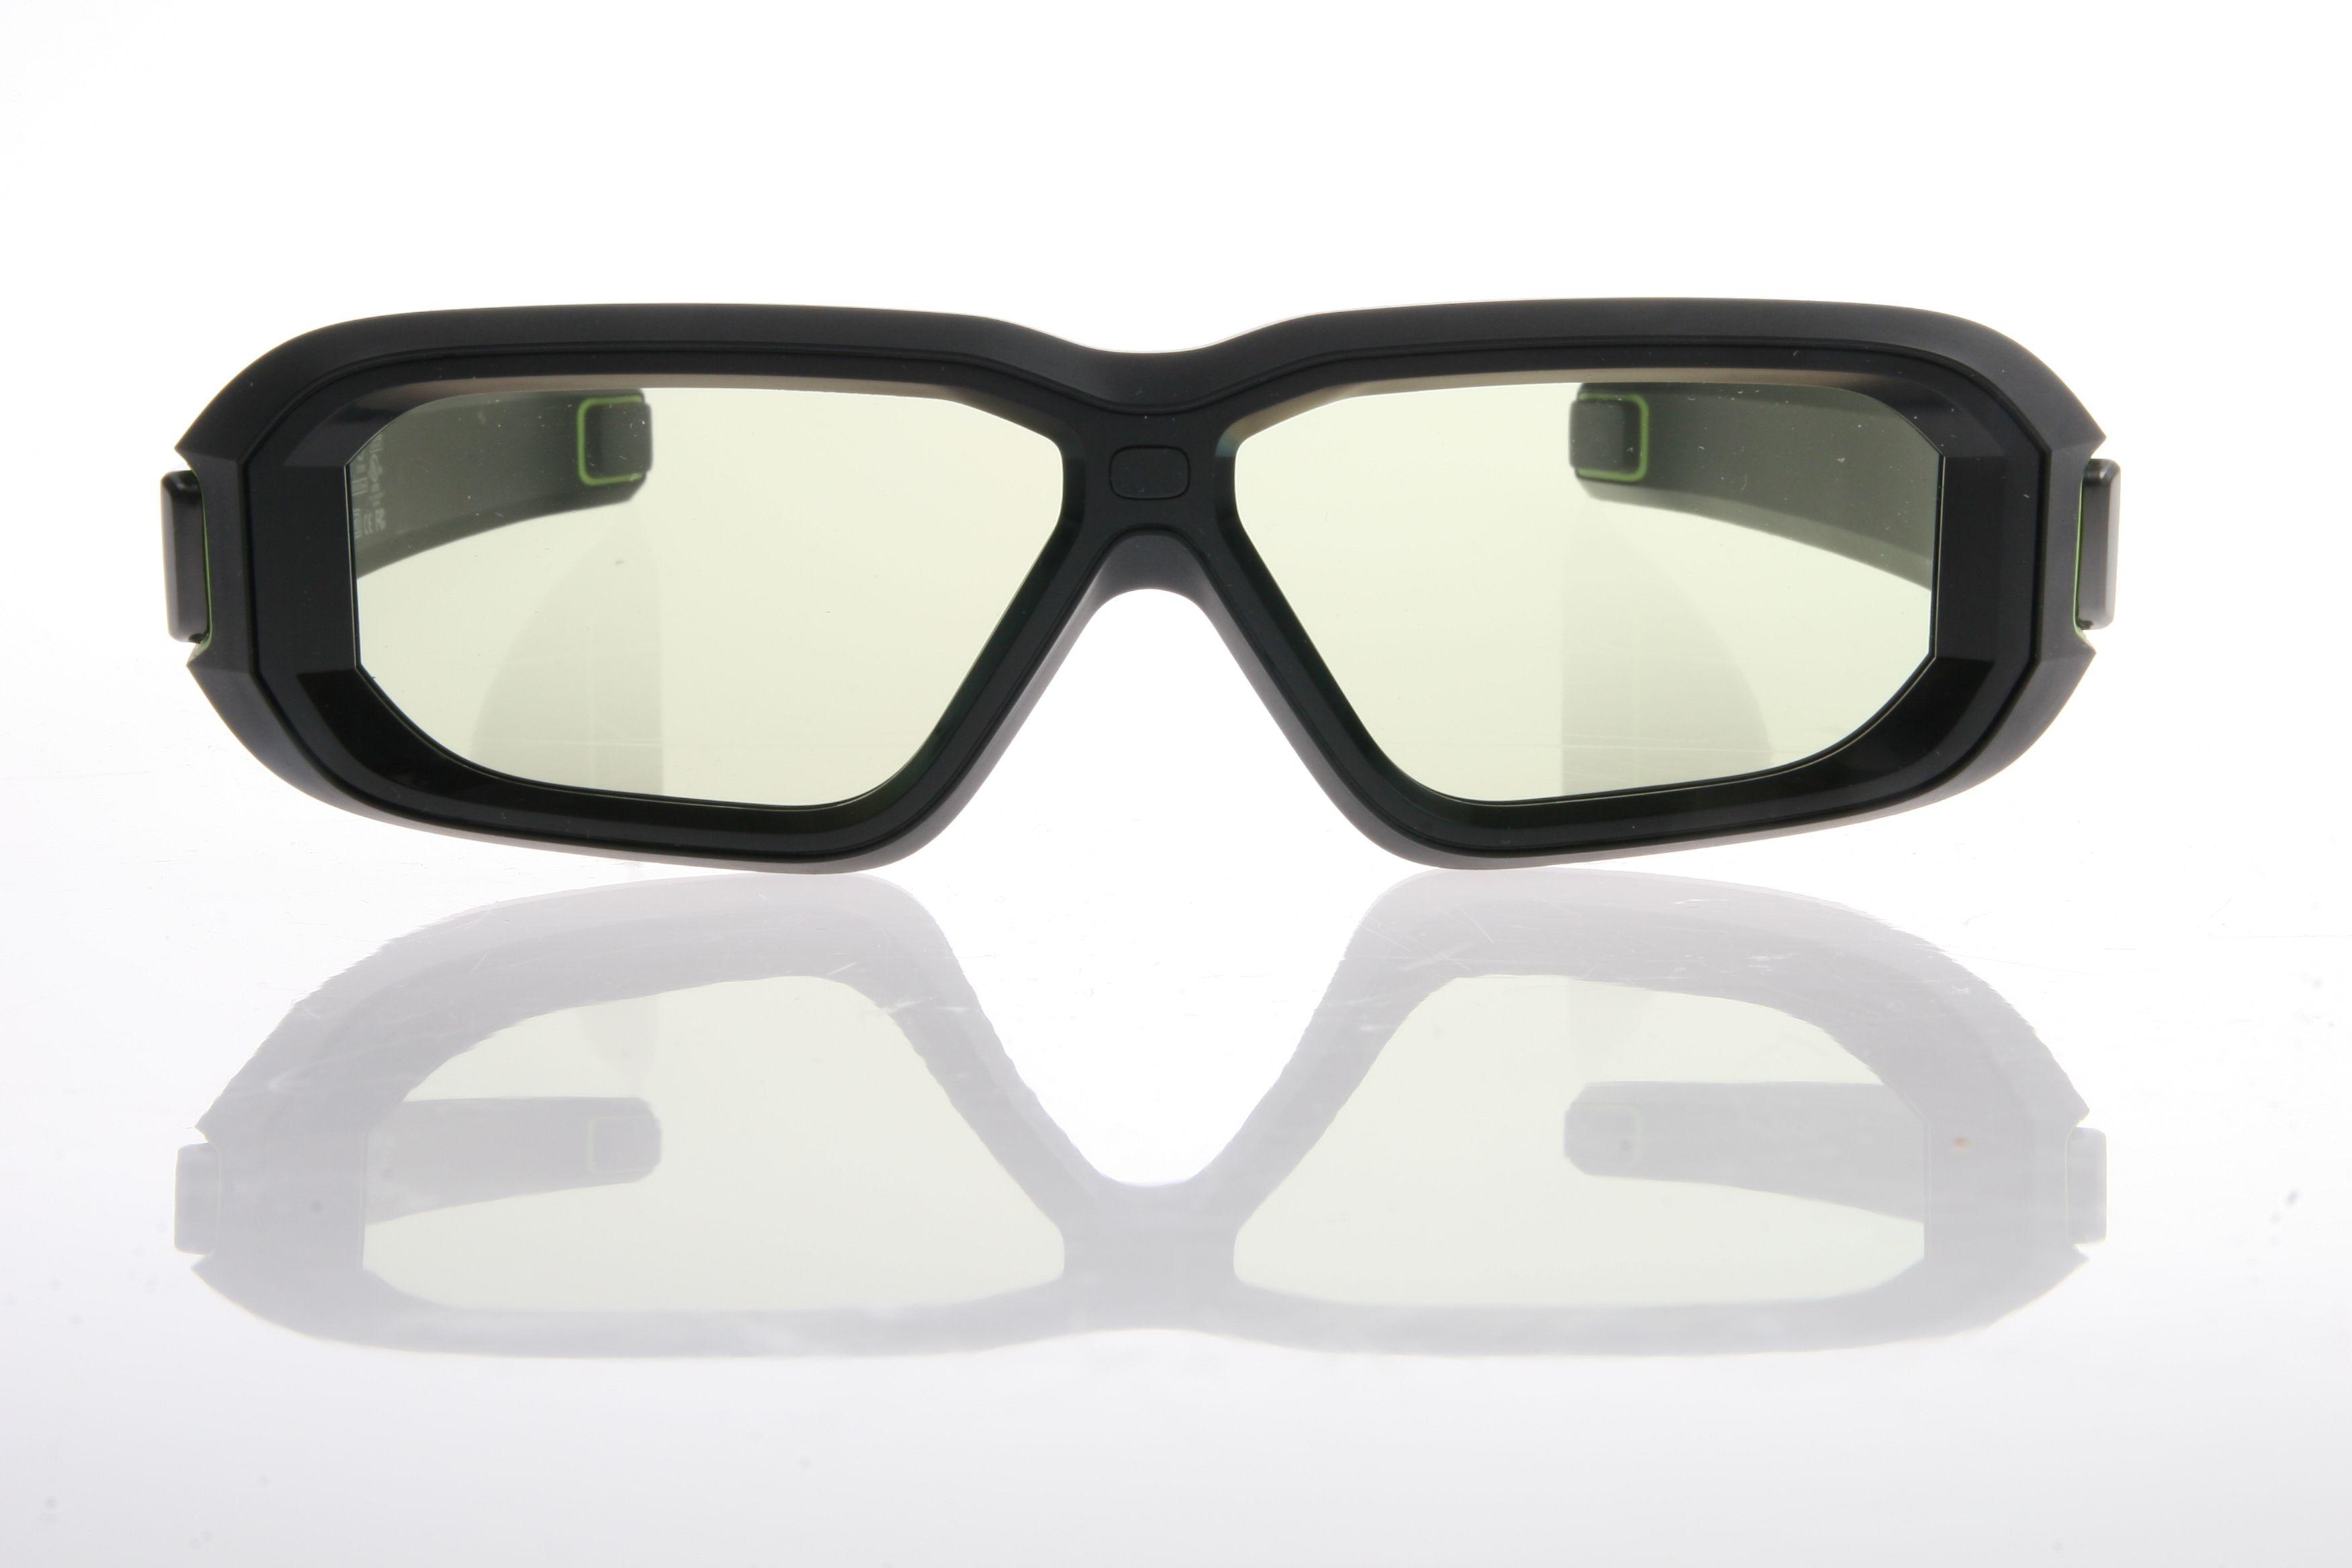 De nye brillene både ser bedre ut enn de tidligere versjonene, og er gode å ha på.